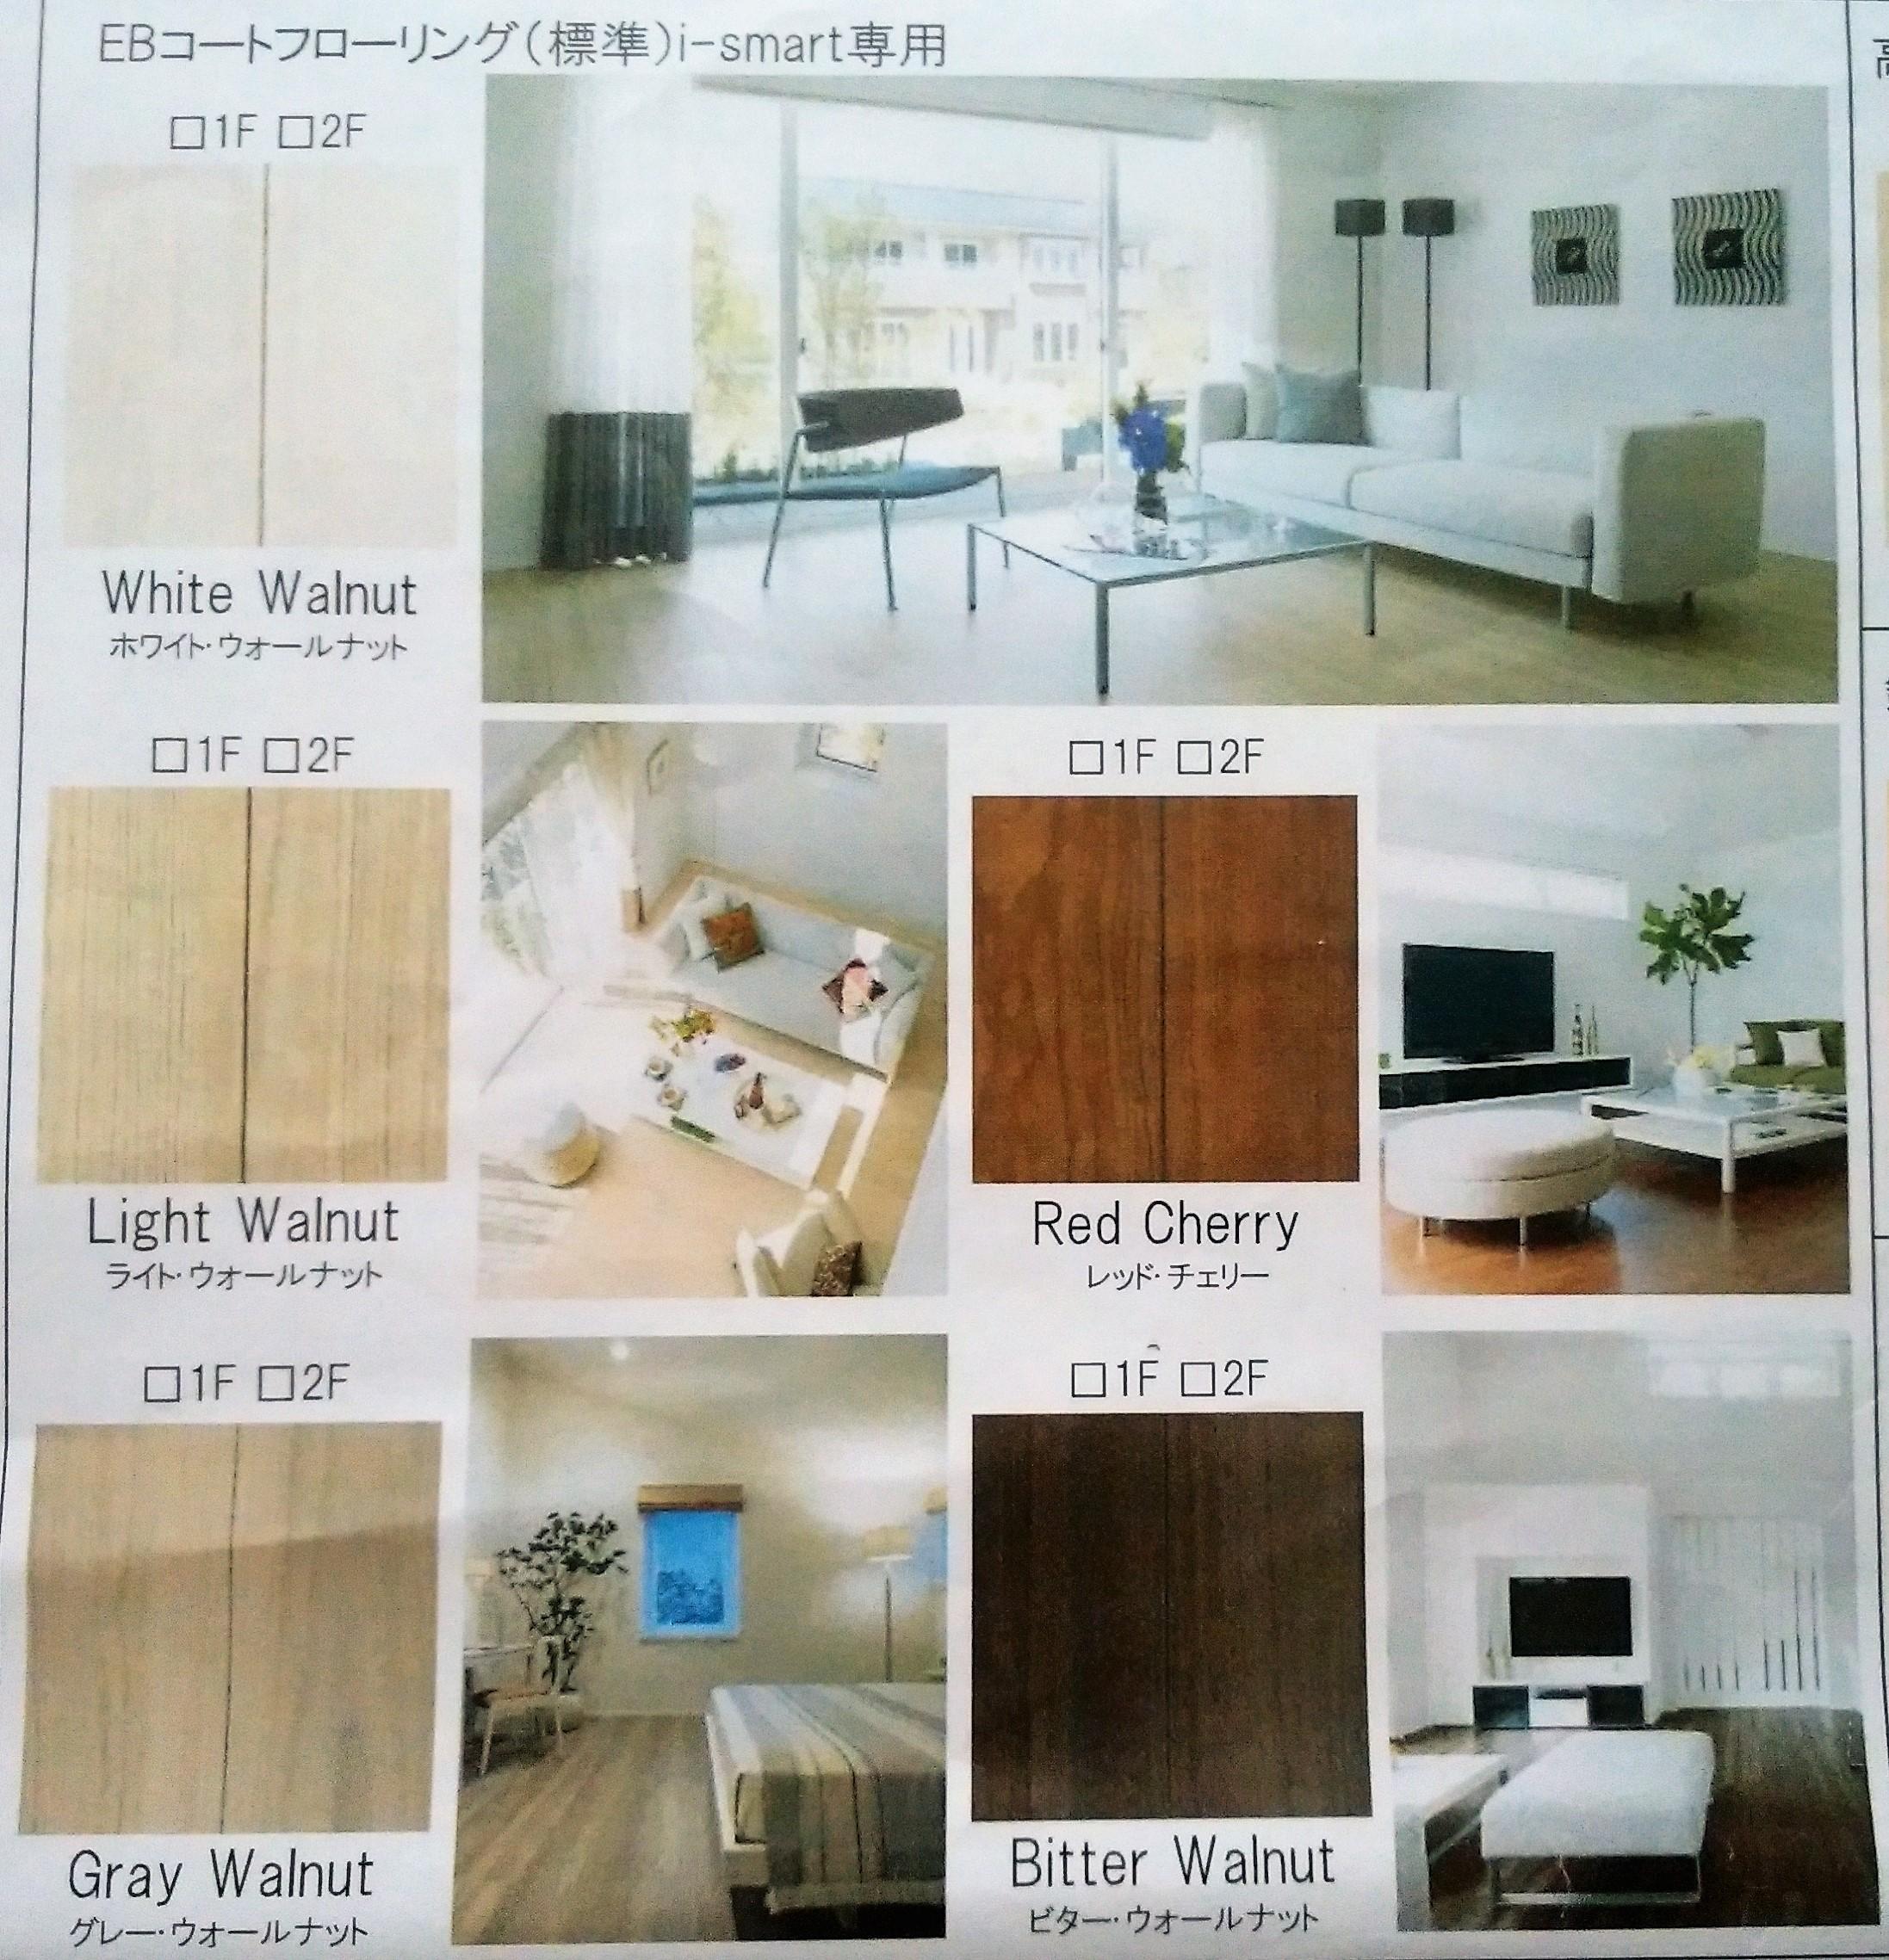 新築で失敗や後悔しない 建具の色とフローリングの床色の組み合わせ 一条工務店とイツキのブログ